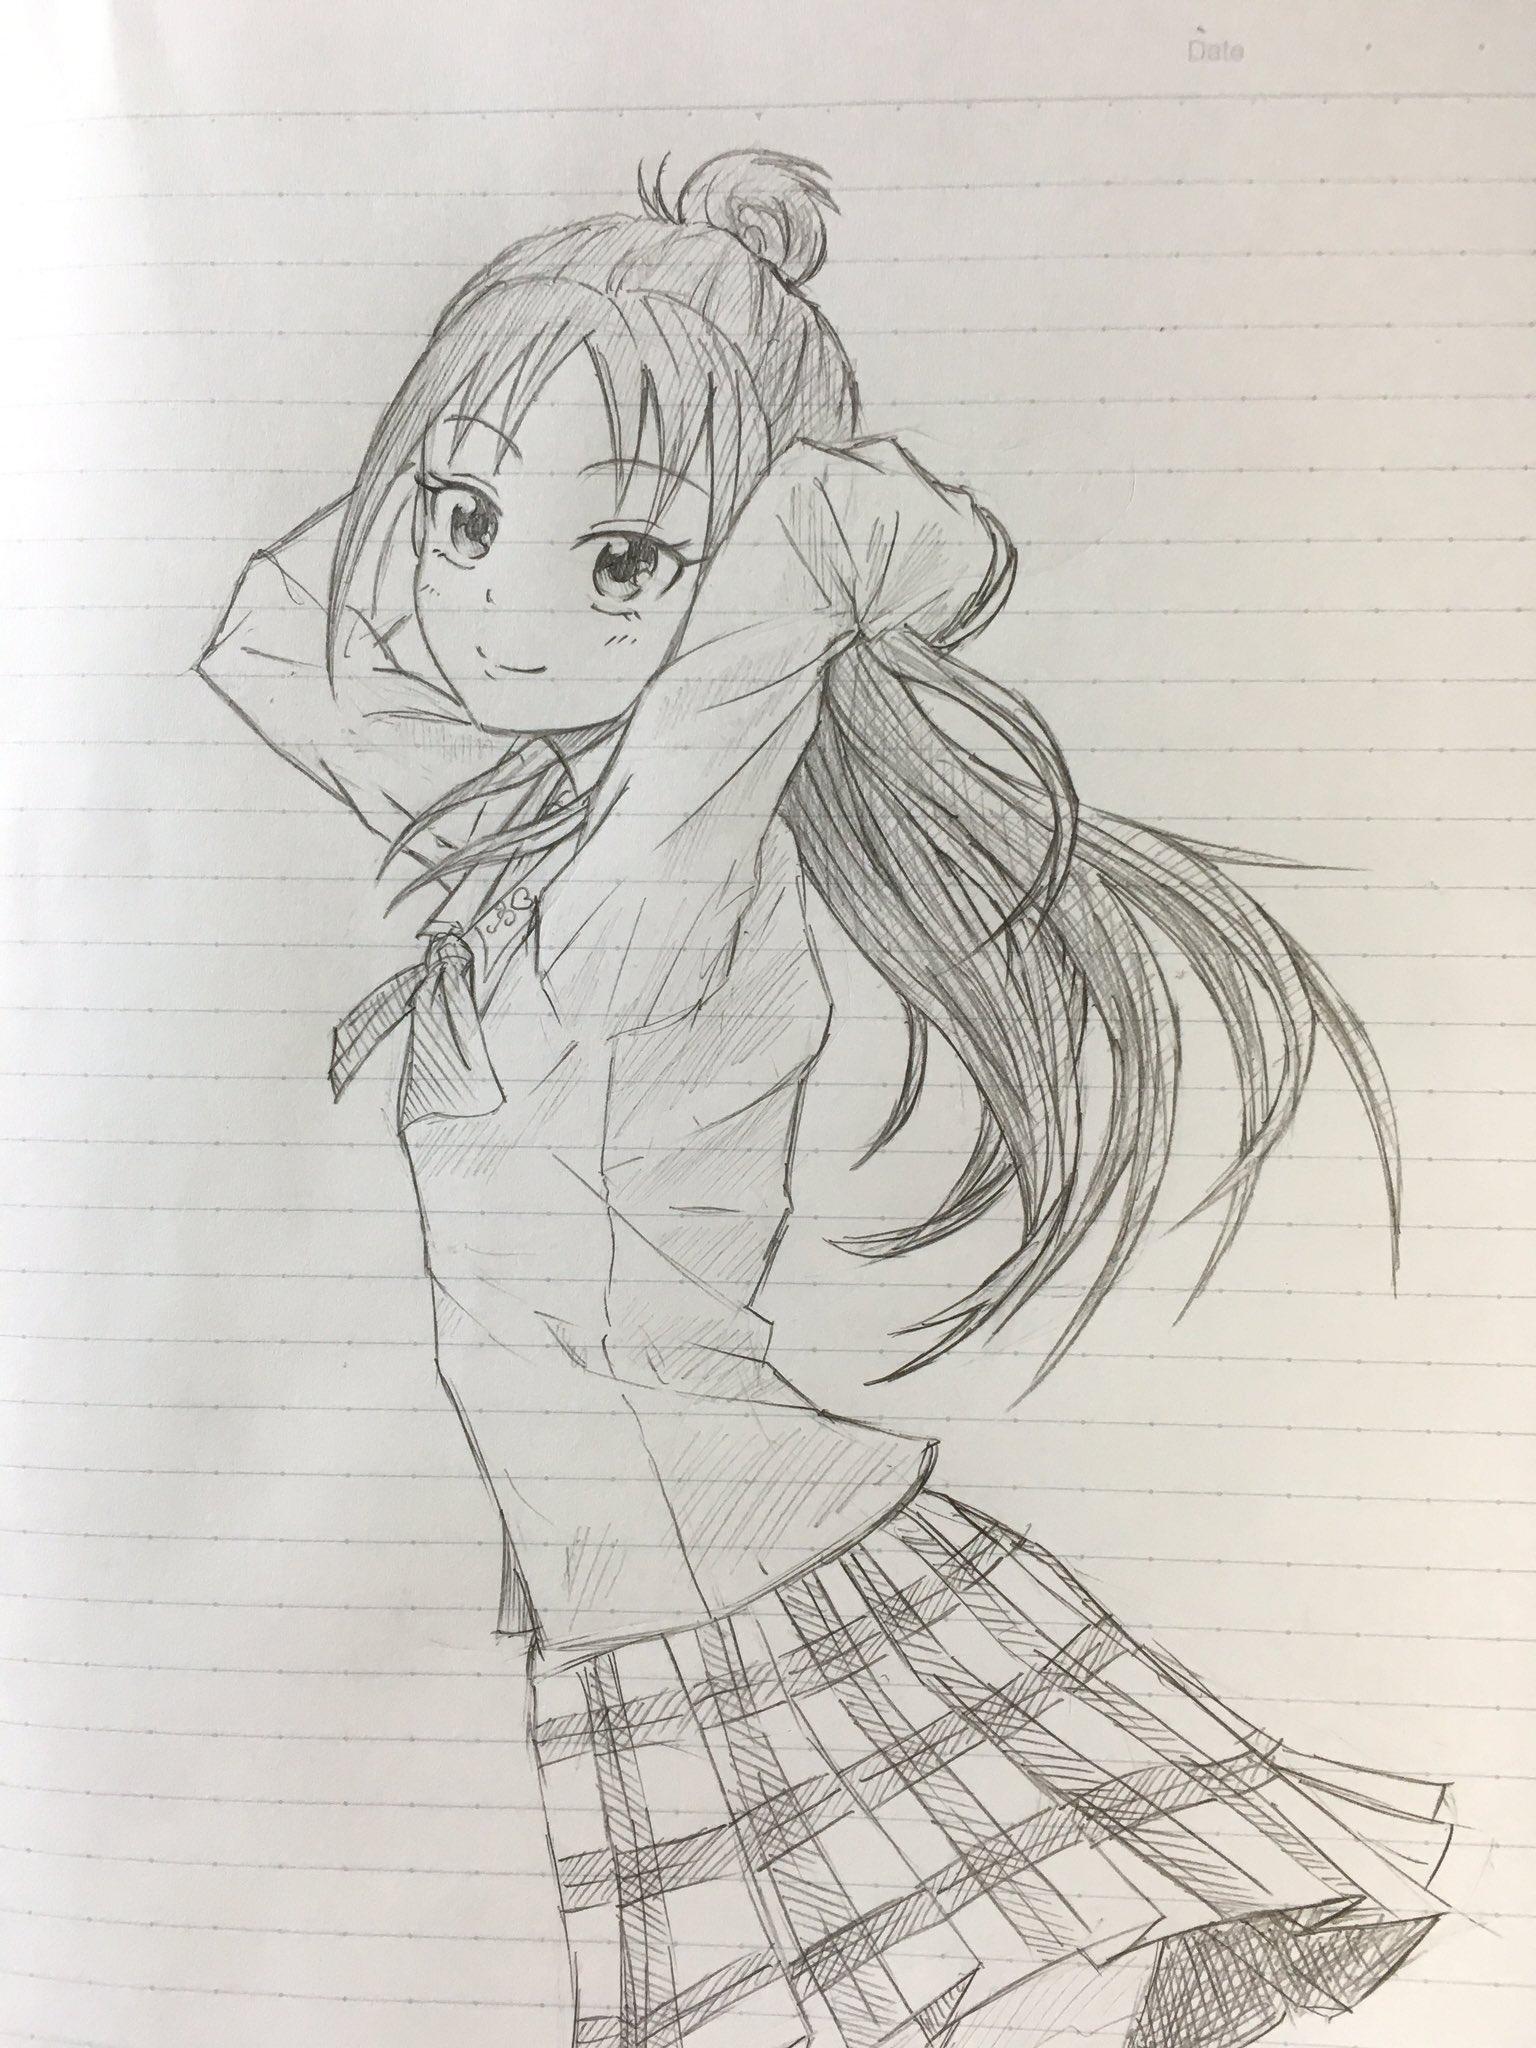 井上さんた (@inouesantaM1851)さんのイラスト